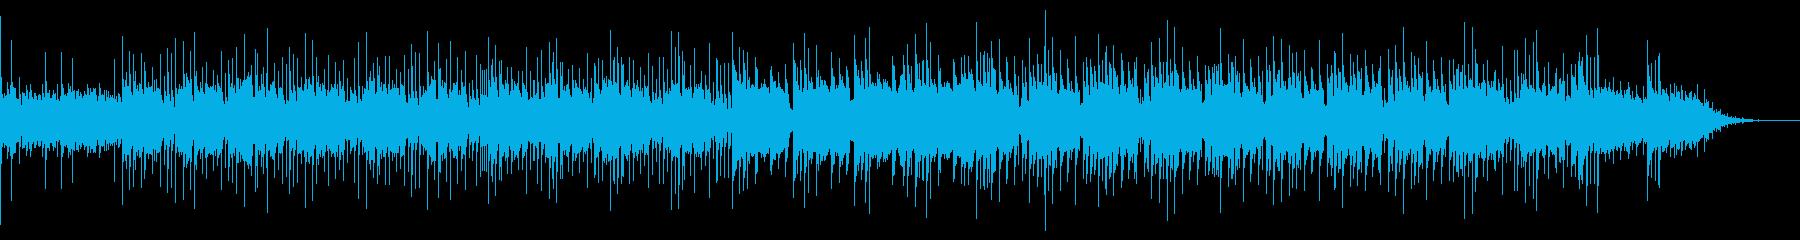 悲しくも美しいベル音が印象的な曲の再生済みの波形